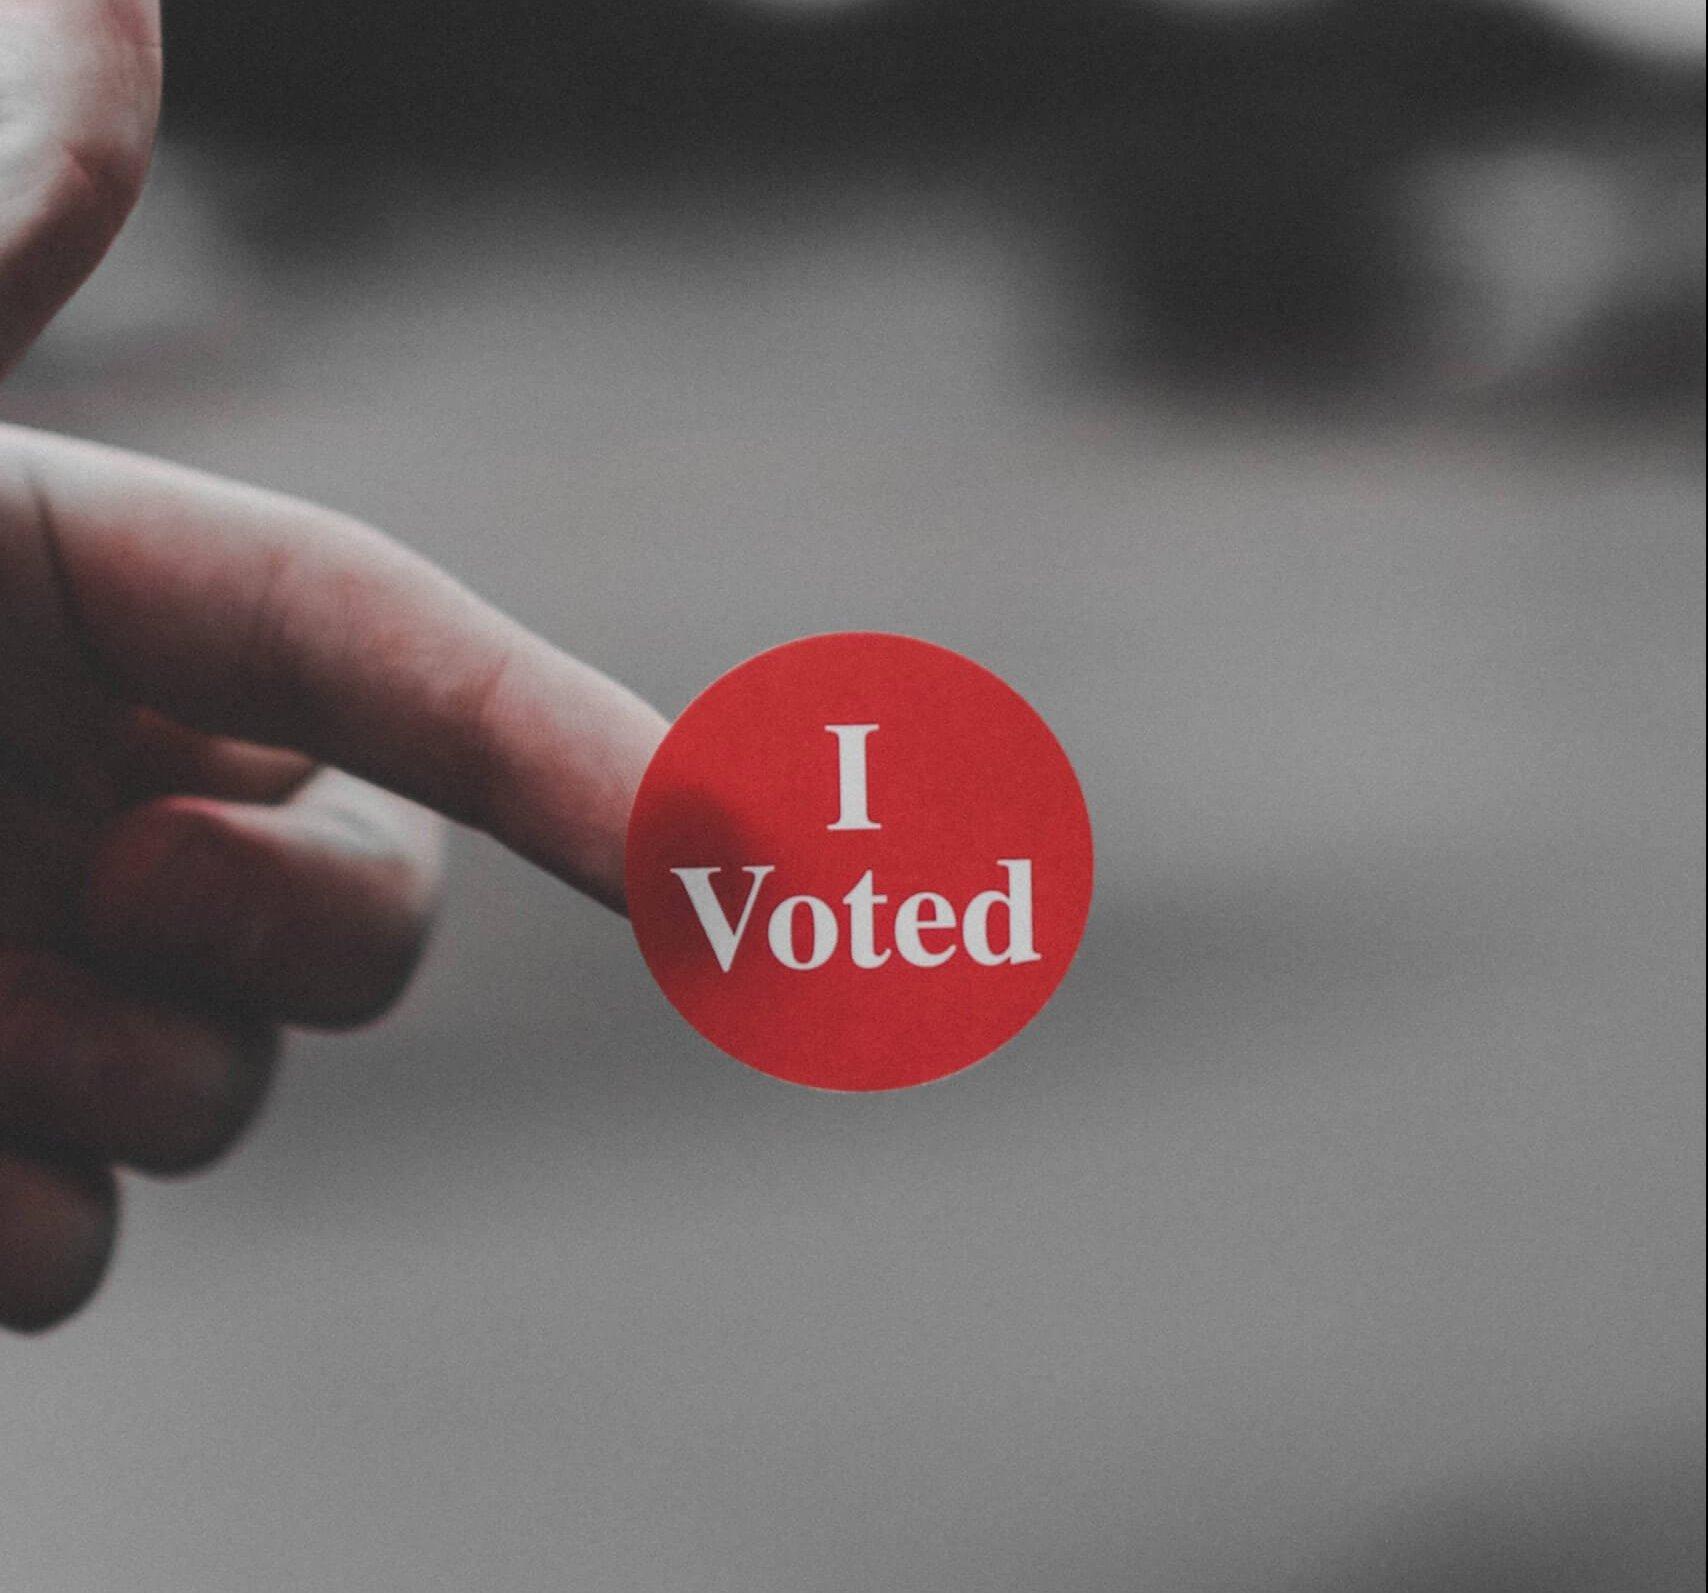 vote,投票